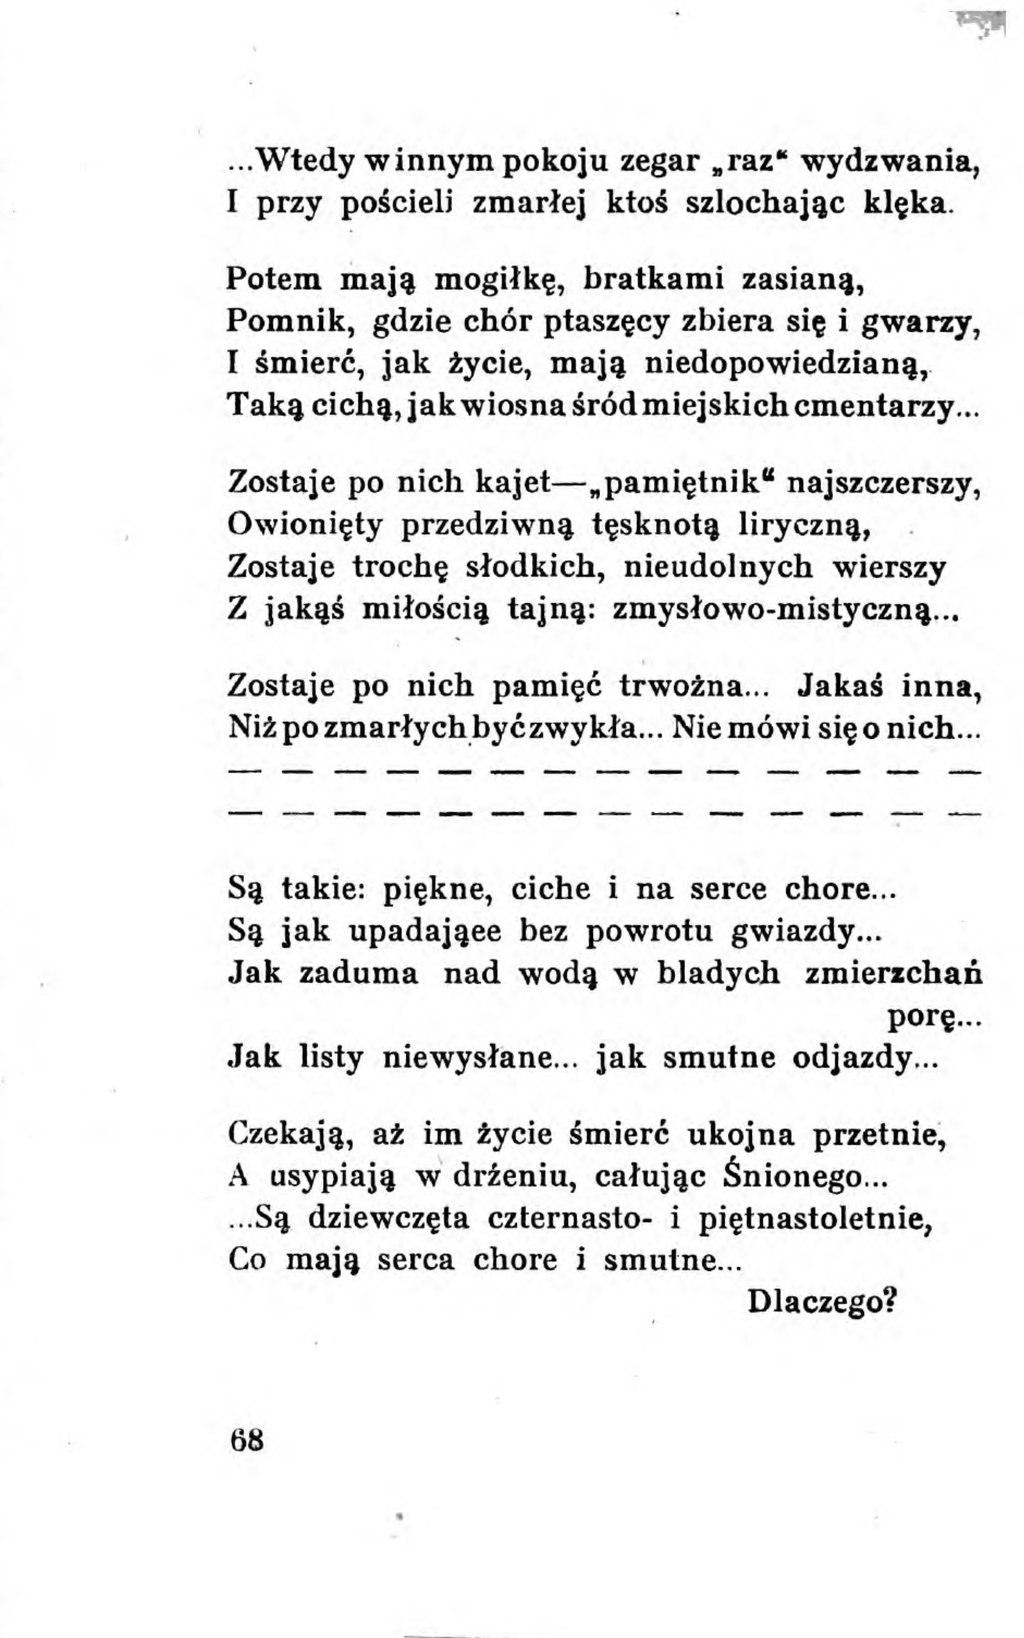 Pagejulian Tuwim Czyhanie Na Bogadjvu70 Wikisource